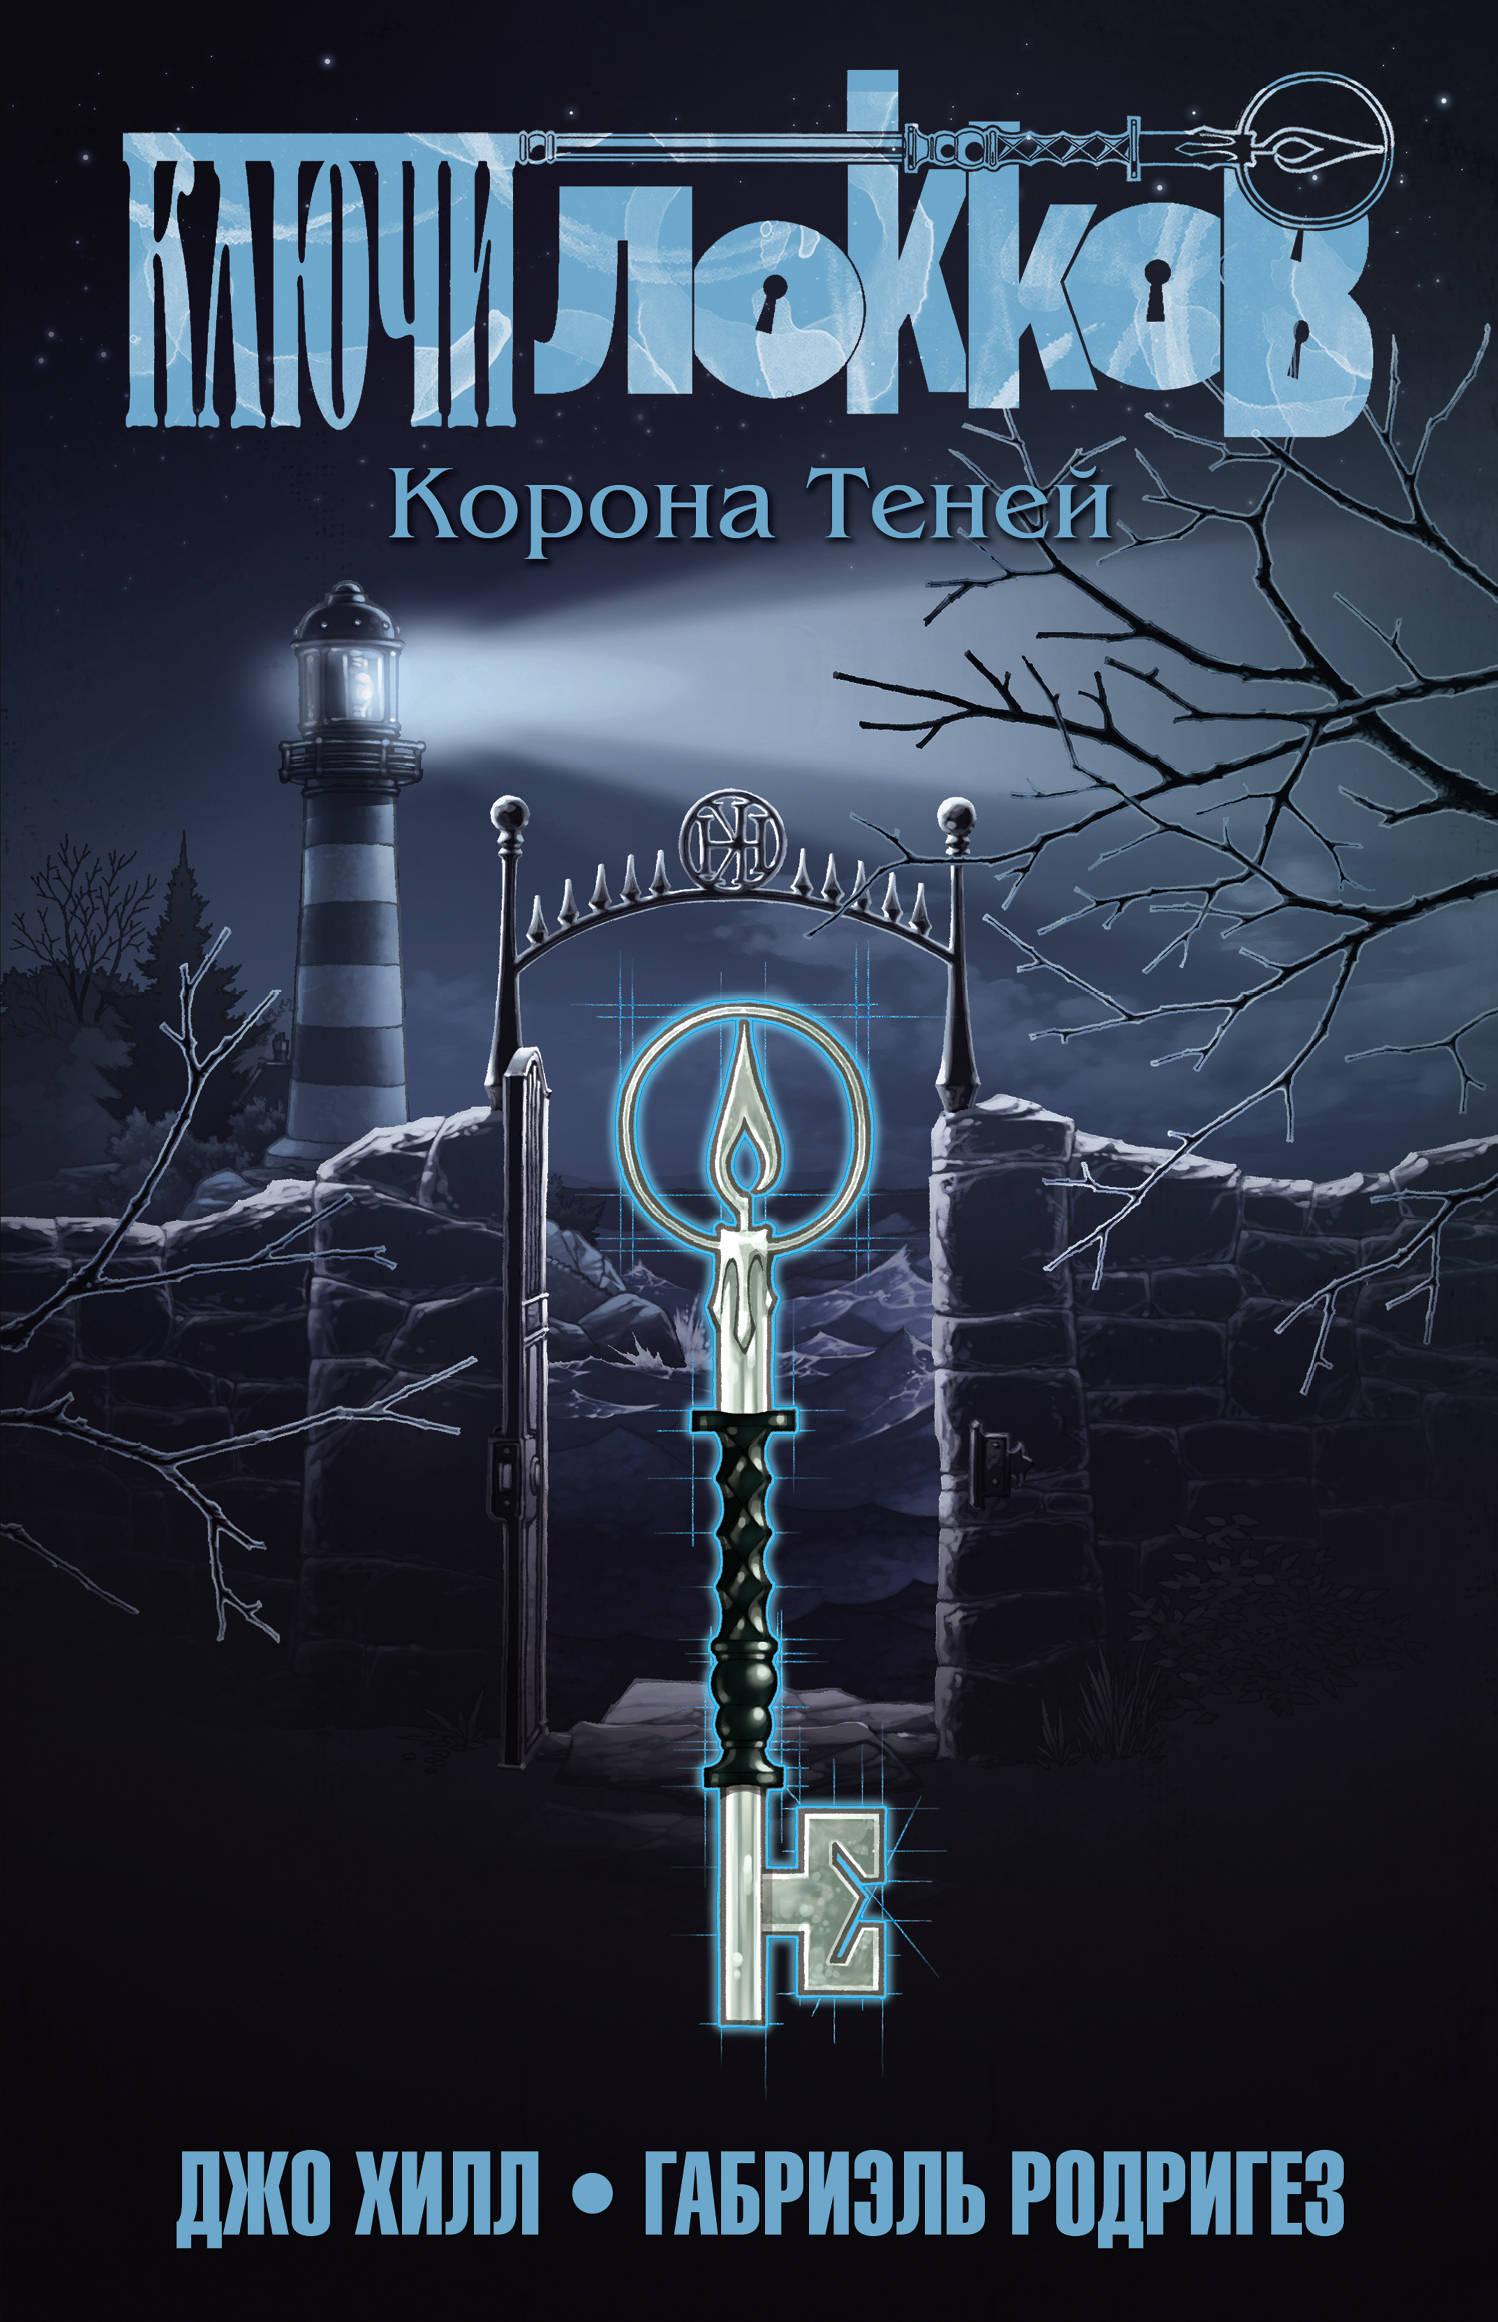 Комикс «Ключи Локков. Том 3. Корона Теней» (2010)